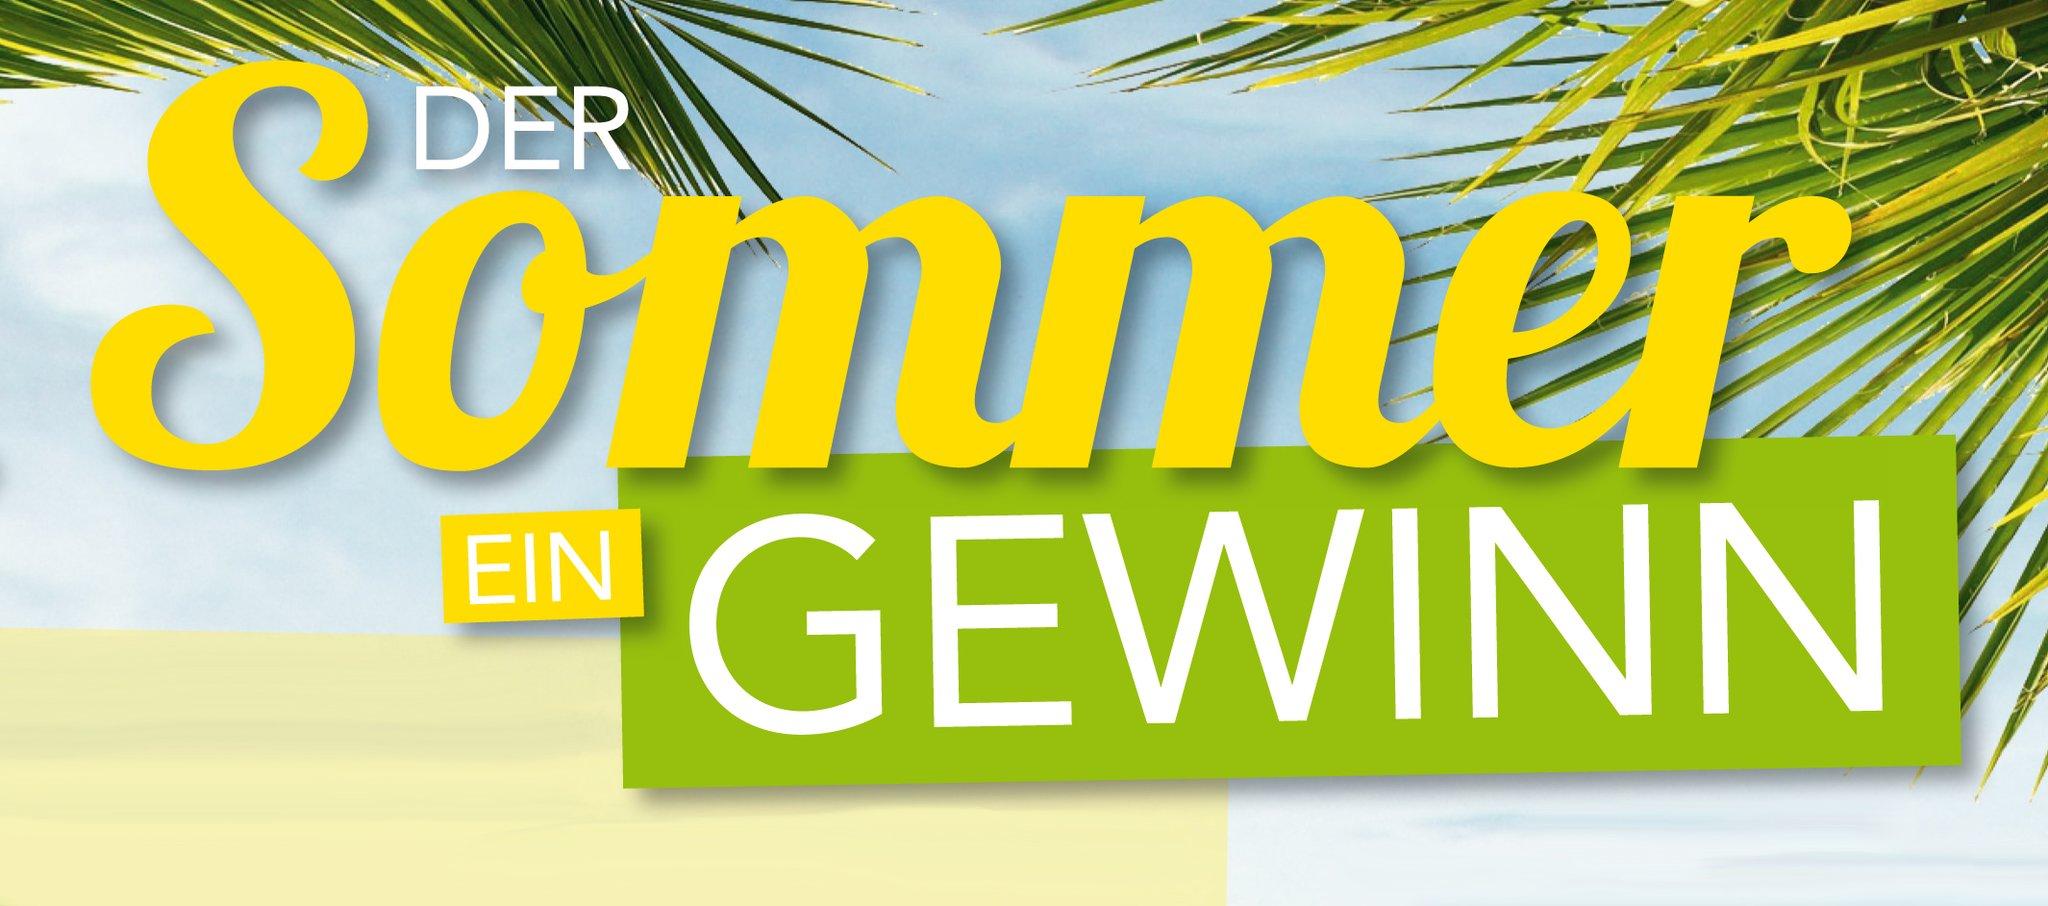 Buchstaben-Sommer-Gewinnspiel